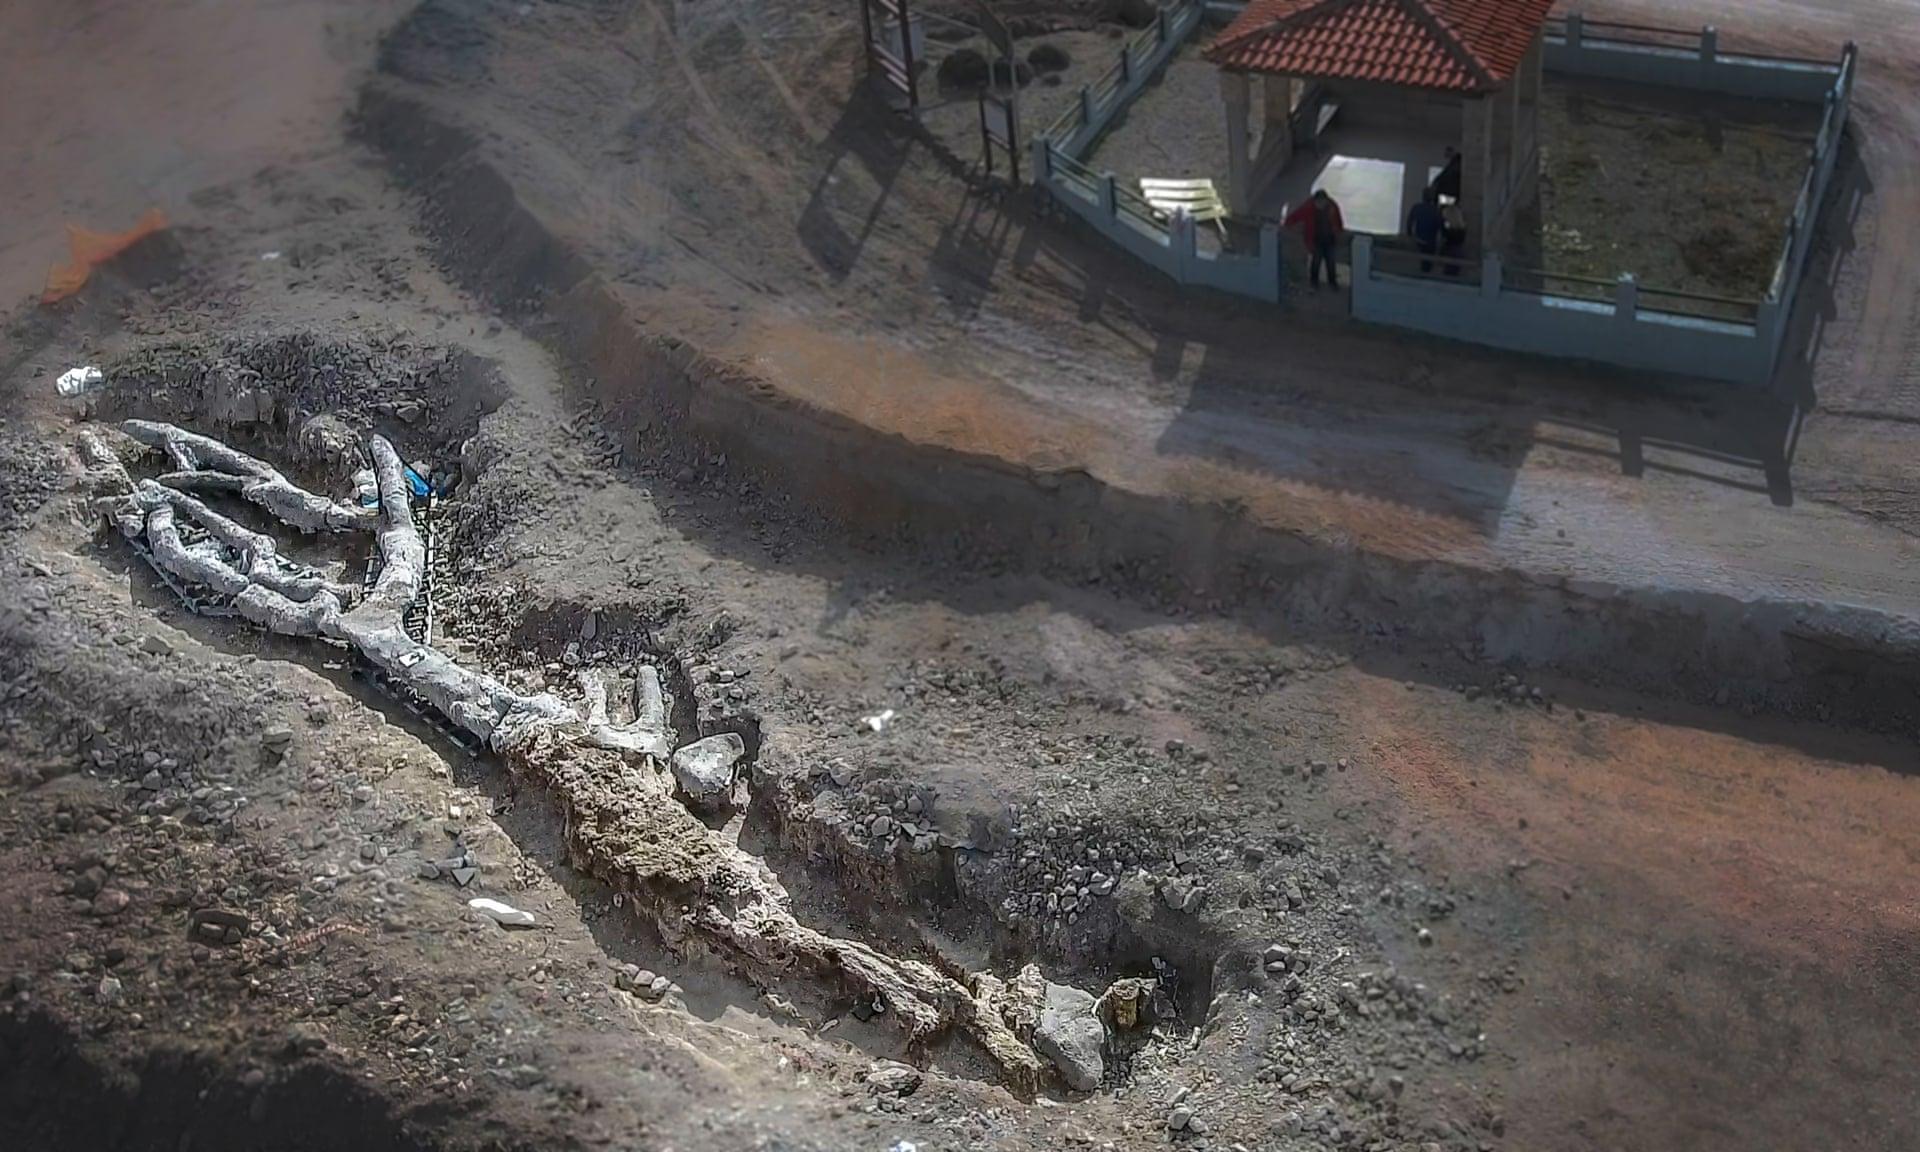 Греческие археологи нашли окаменелое дерево, которому 20 миллионов лет. На нем есть листья